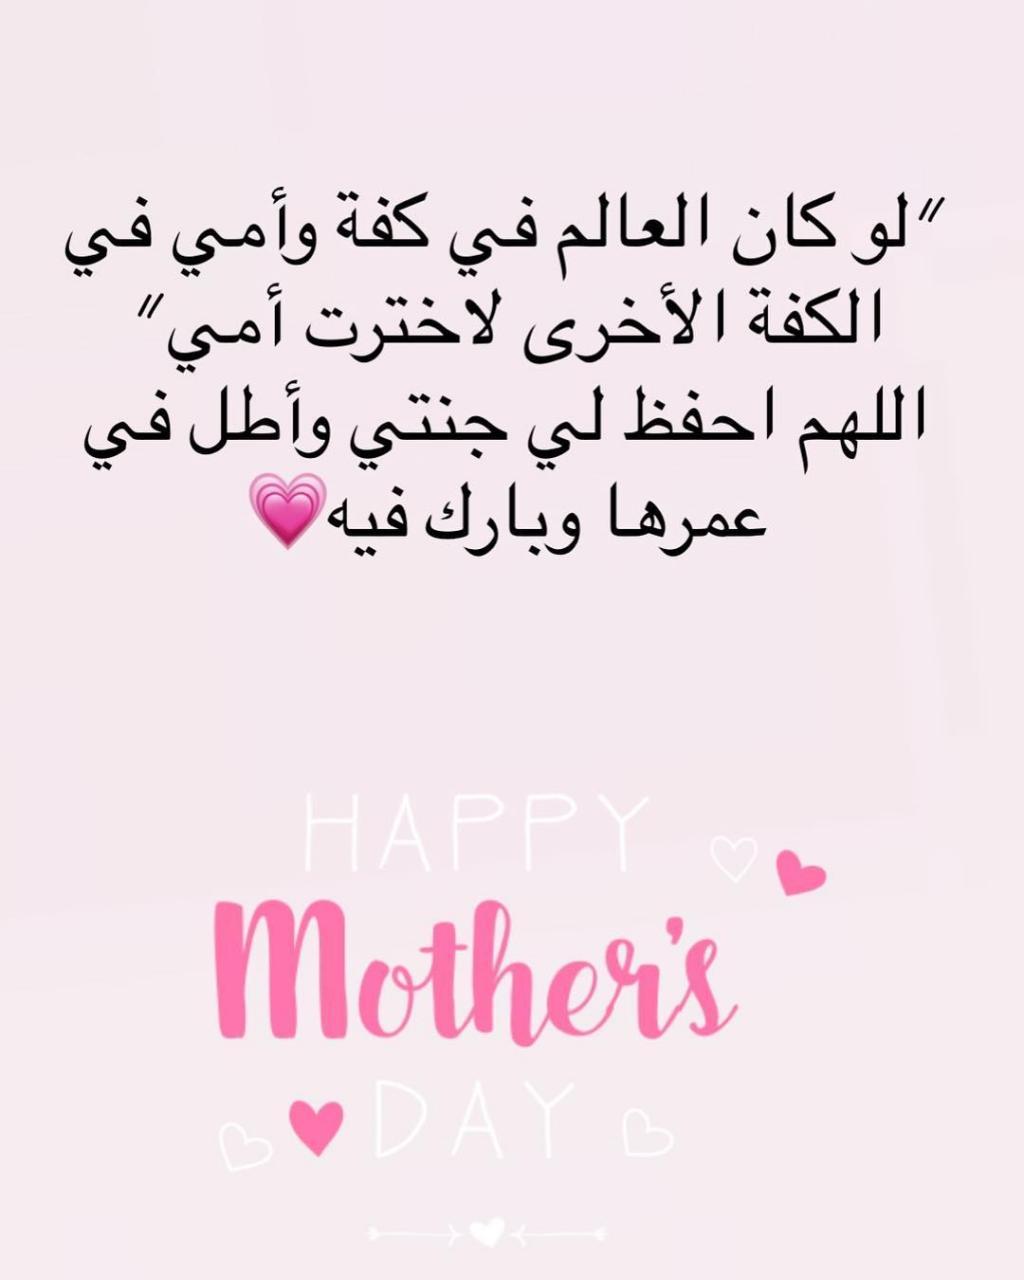 صورة صور وكلام عن الام , كلمات جميلة عن فضل الام بالصور